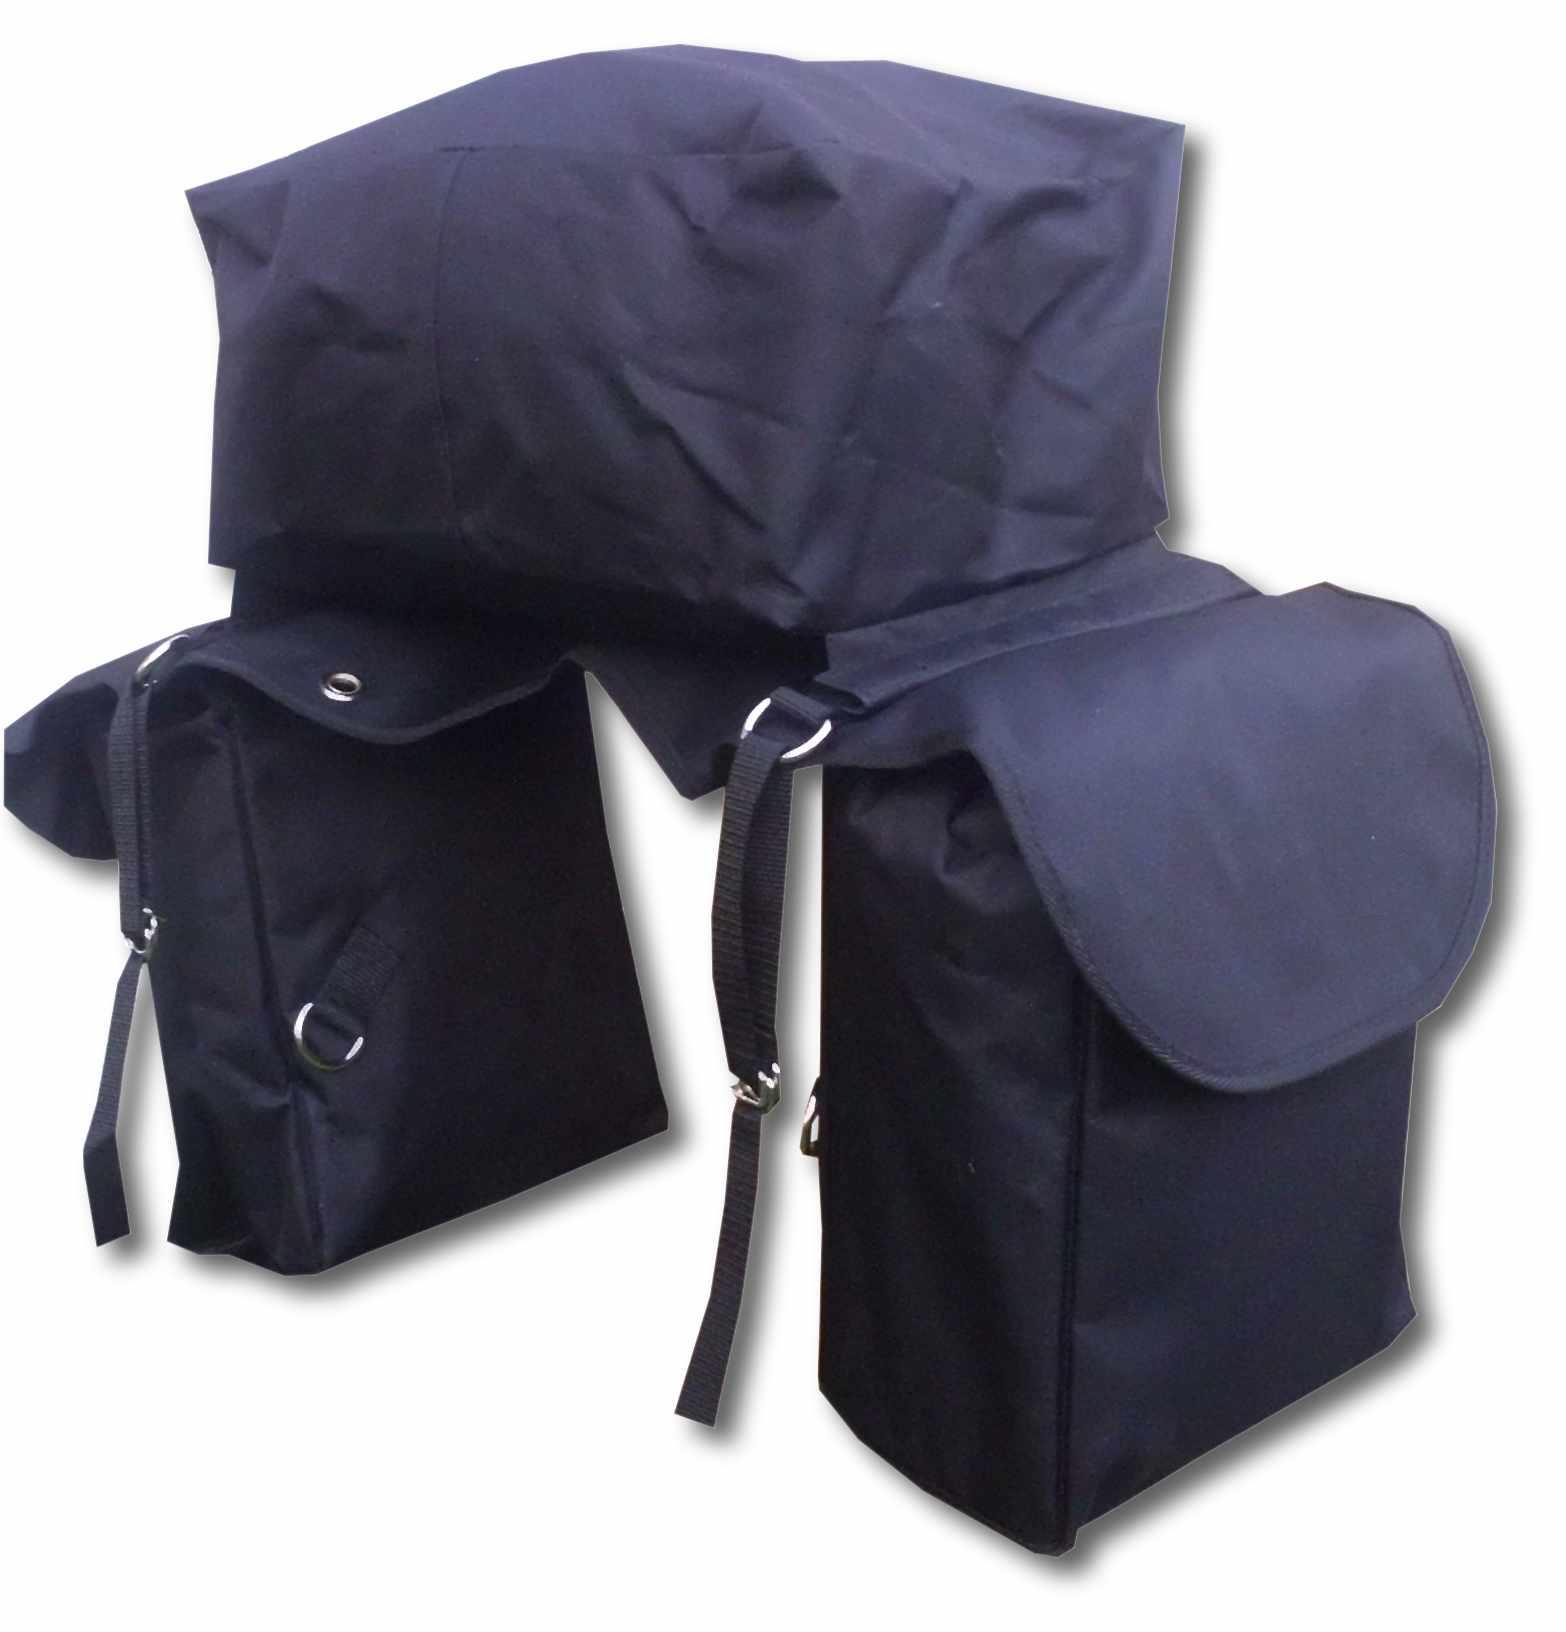 pferde packtasche takeoff trail 3in1 wasserabweisend als 2fach oder 3fach satteltasche. Black Bedroom Furniture Sets. Home Design Ideas